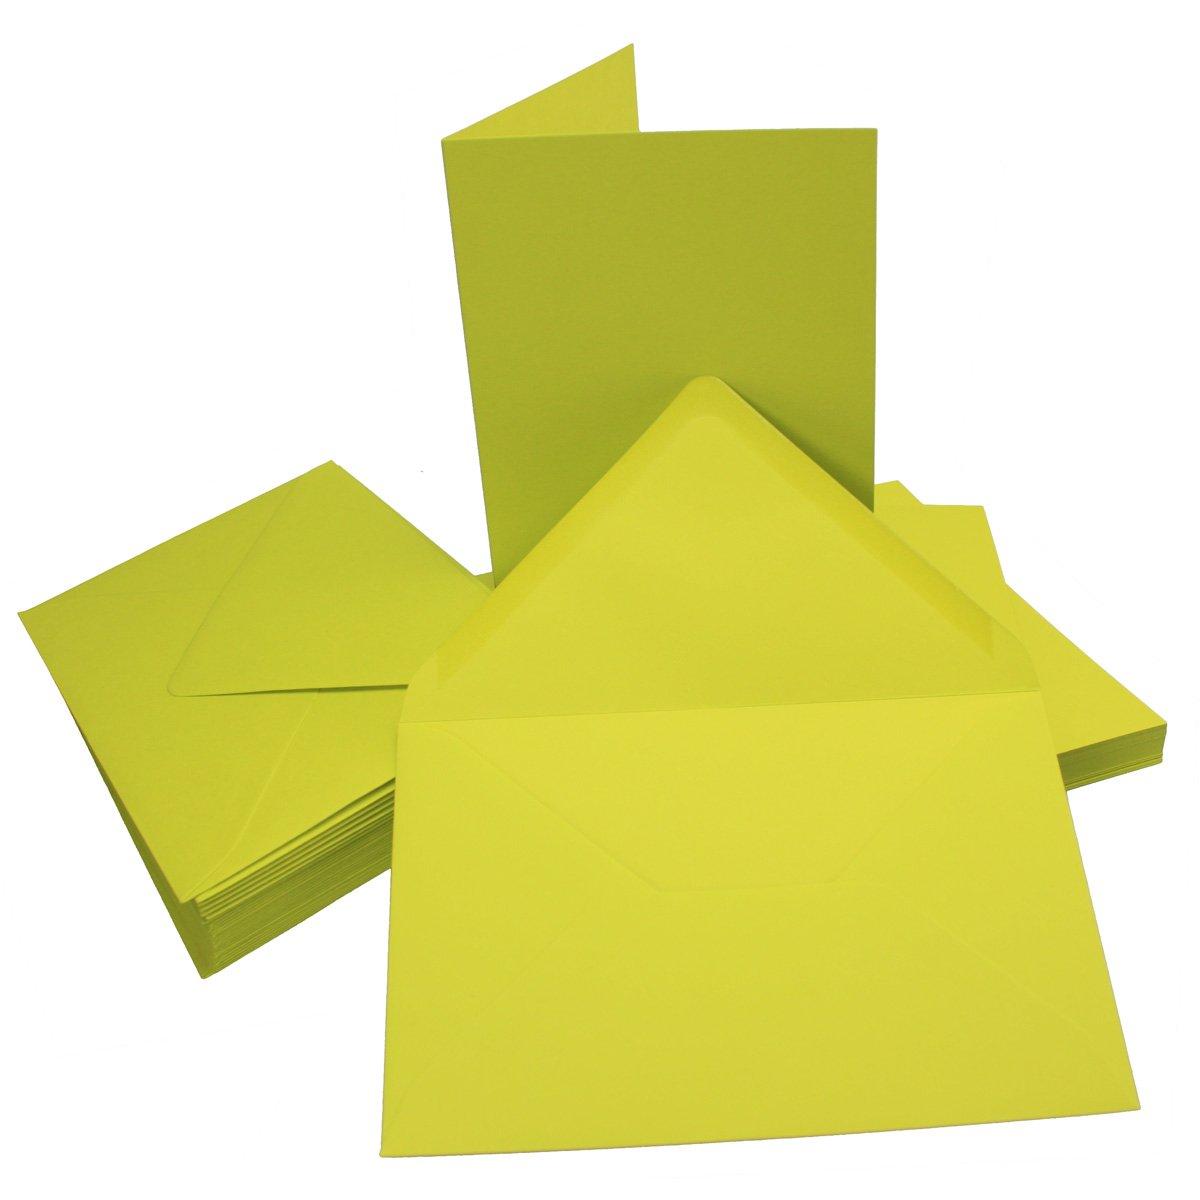 75 Sets - Faltkarten Hellgrau - Din A5  Umschläge Din C5 - Premium Qualität - Sehr formstabil - Qualitätsmarke  NEUSER FarbenFroh B07BSBPHYF | Schönes Aussehen